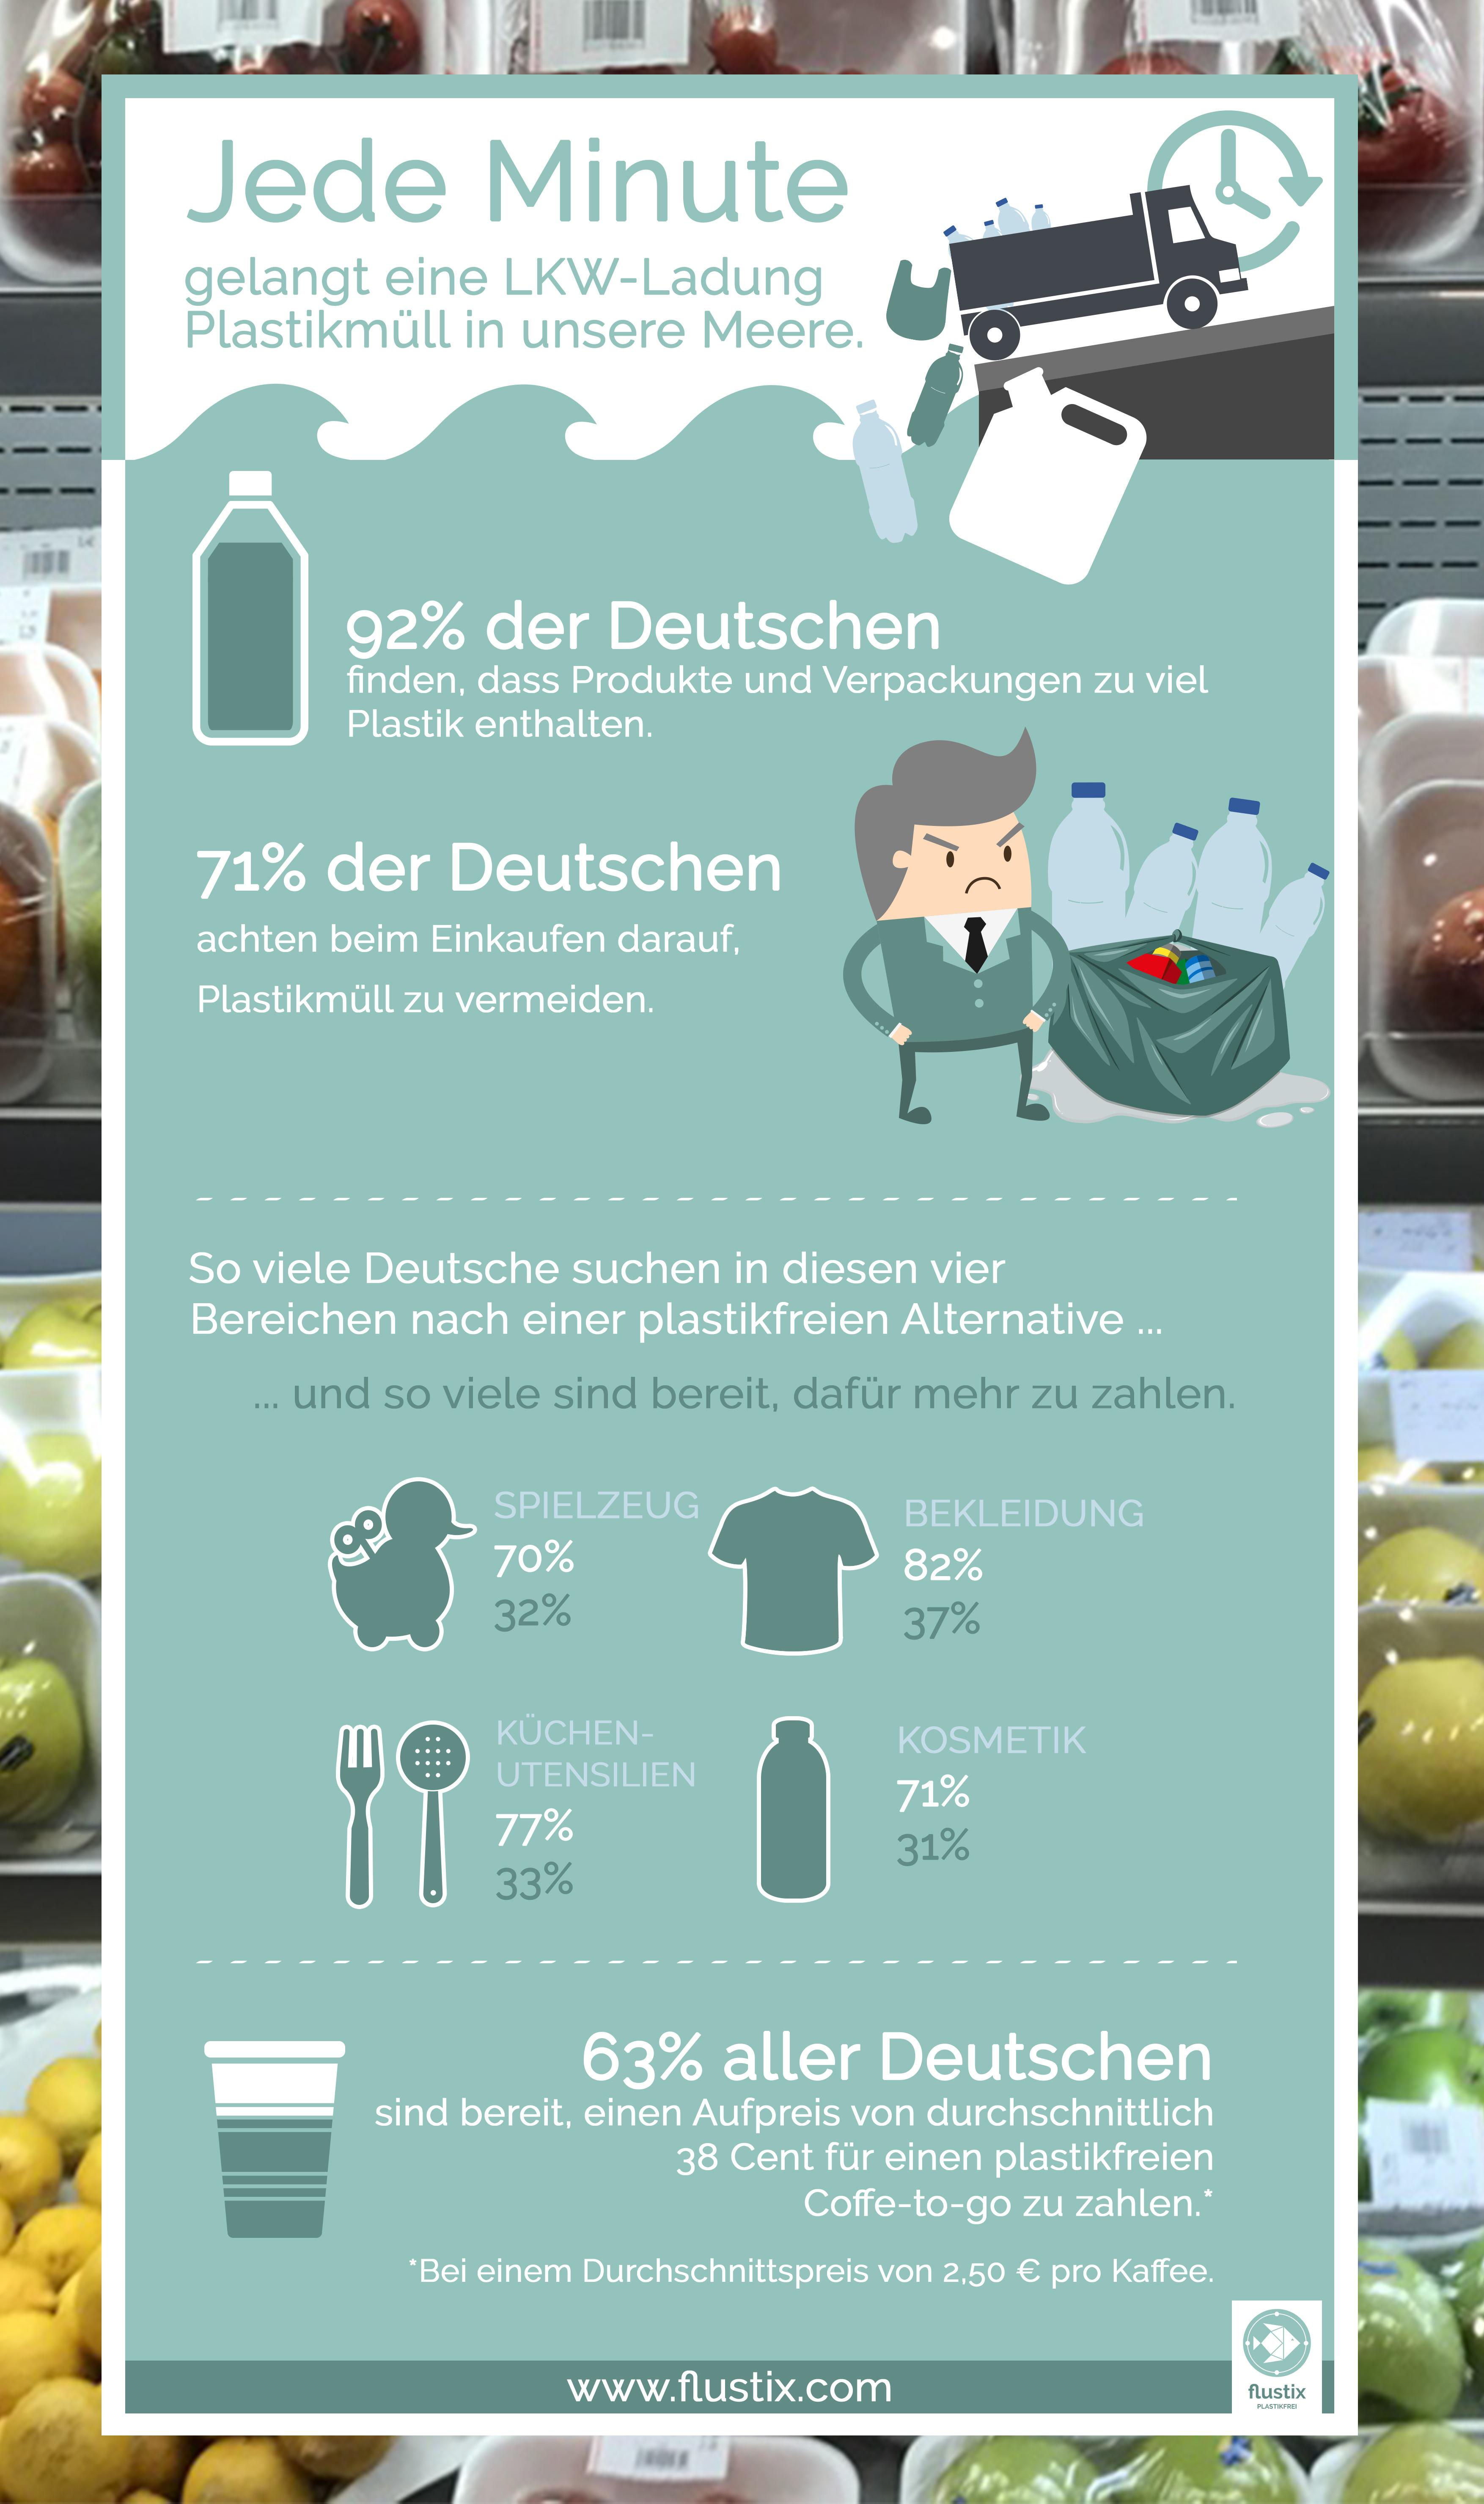 Infografik zur Flustix-Studie Einstellung der Deutschen zu Plastik